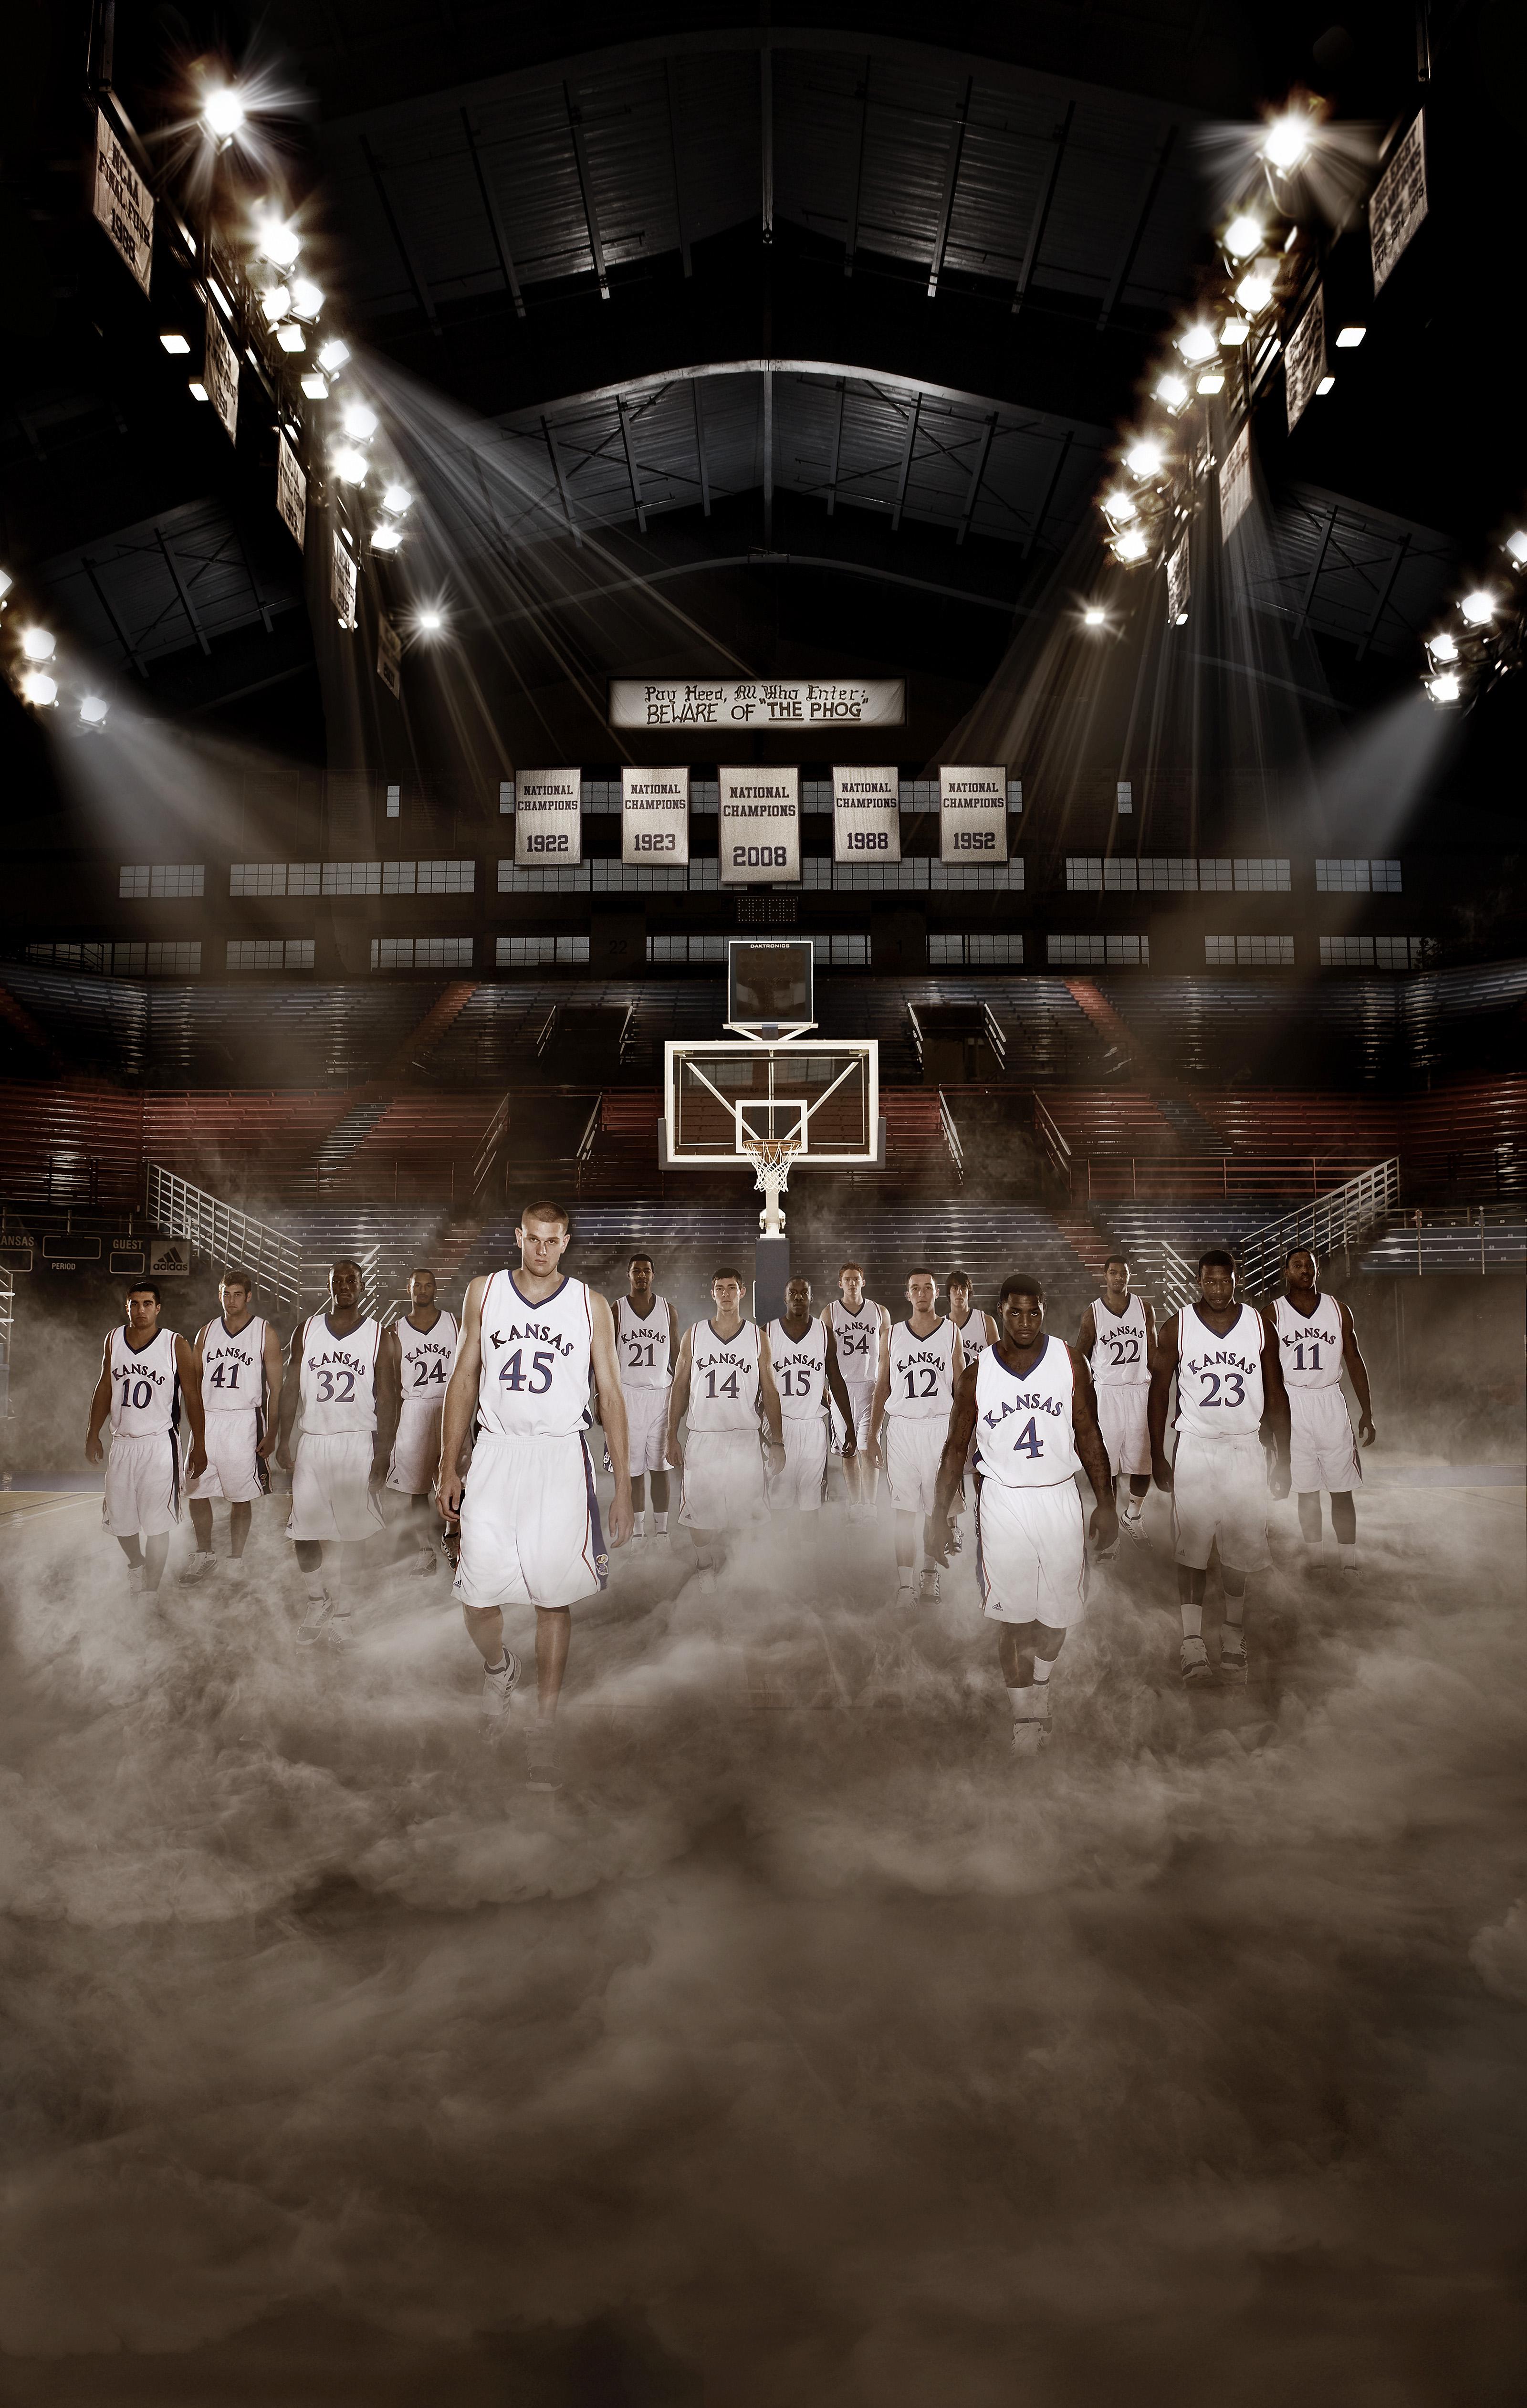 KU_BasketballPoster